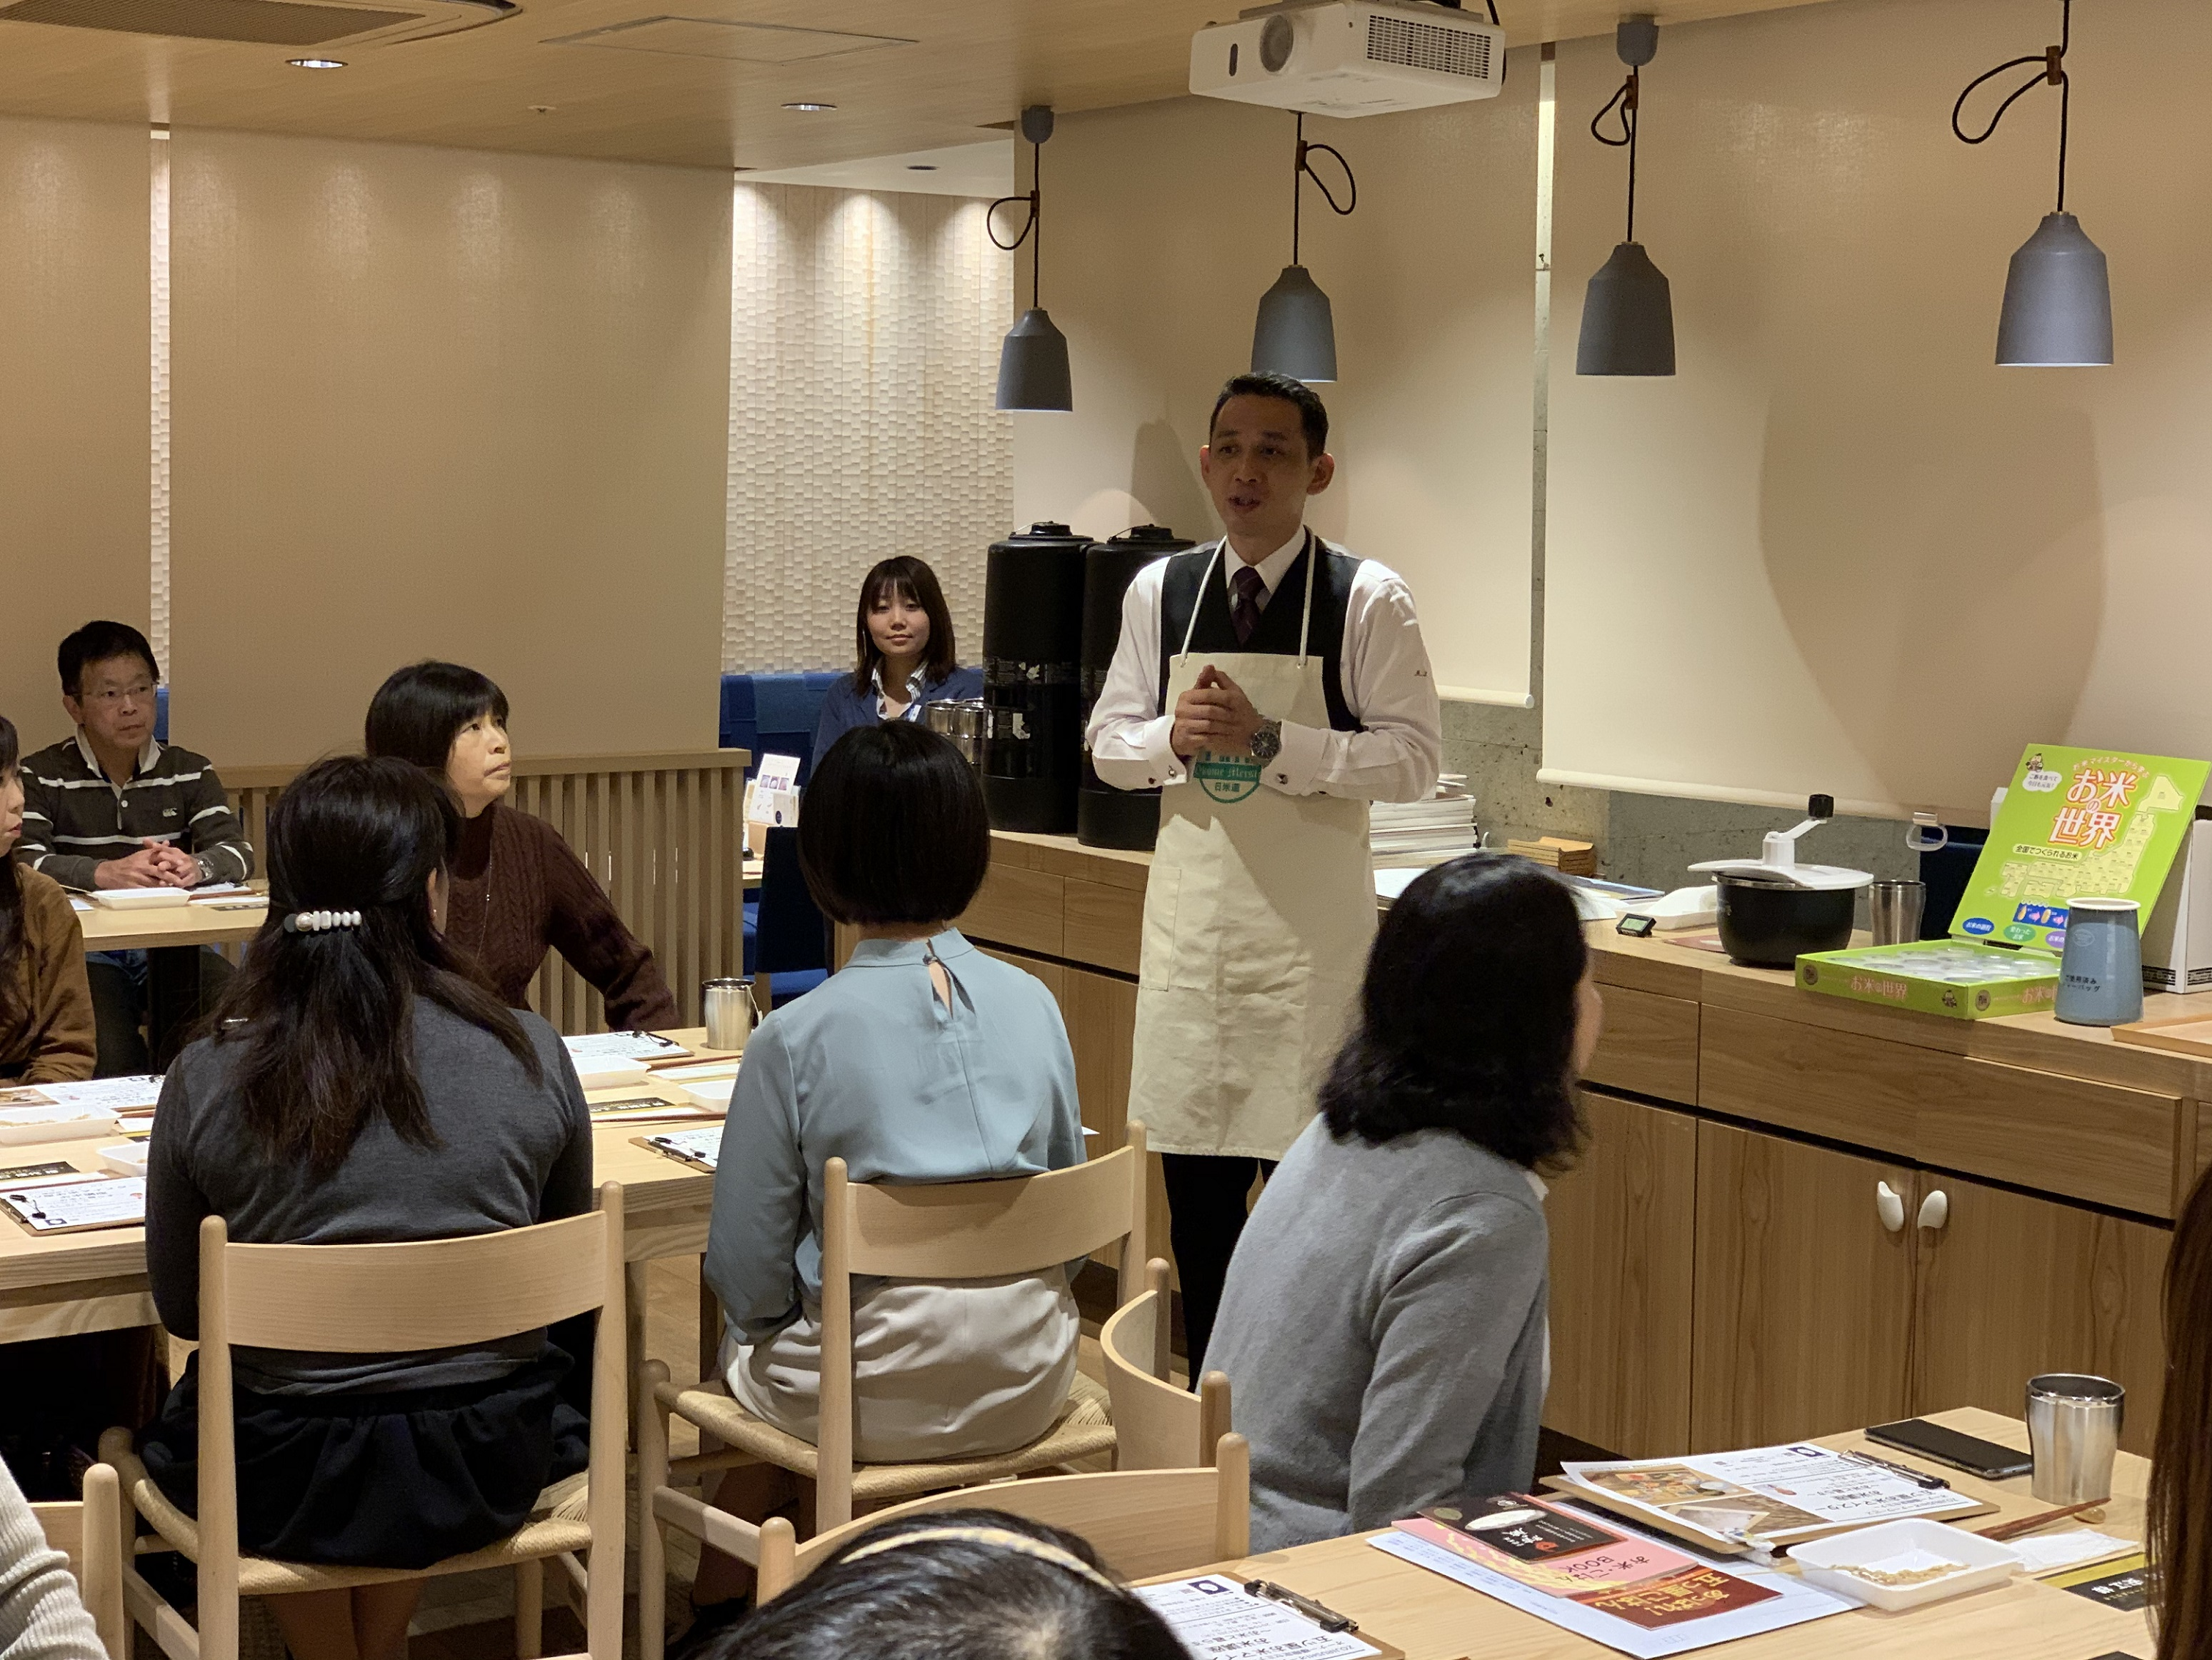 【イベントレポート】象印食堂(なんば)オーナー様限定イベント